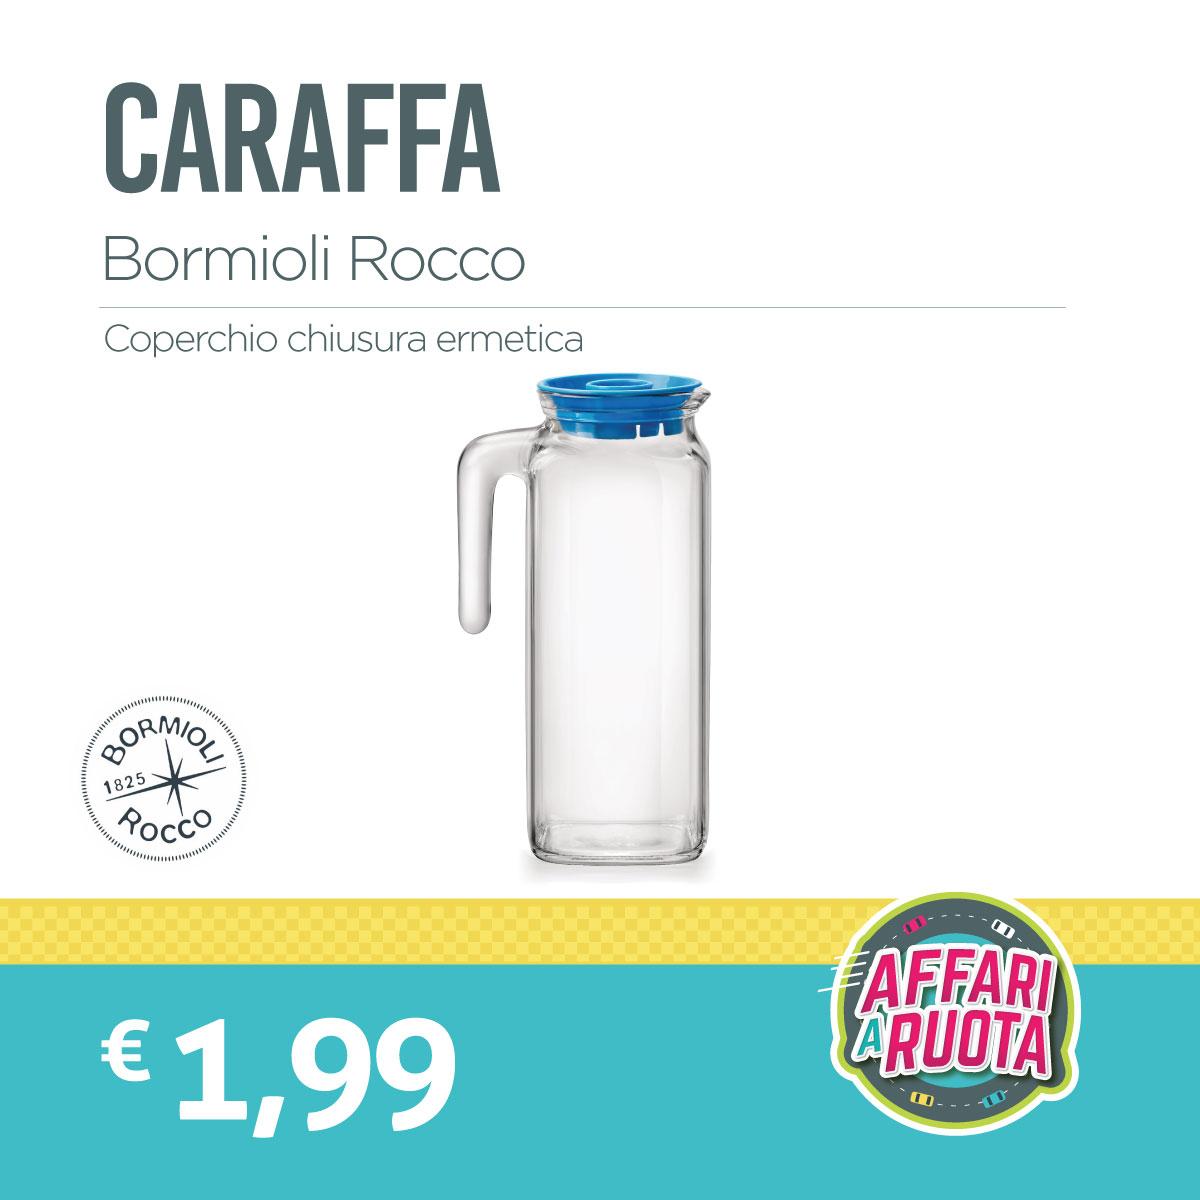 Caraffa Bormioli Rocco